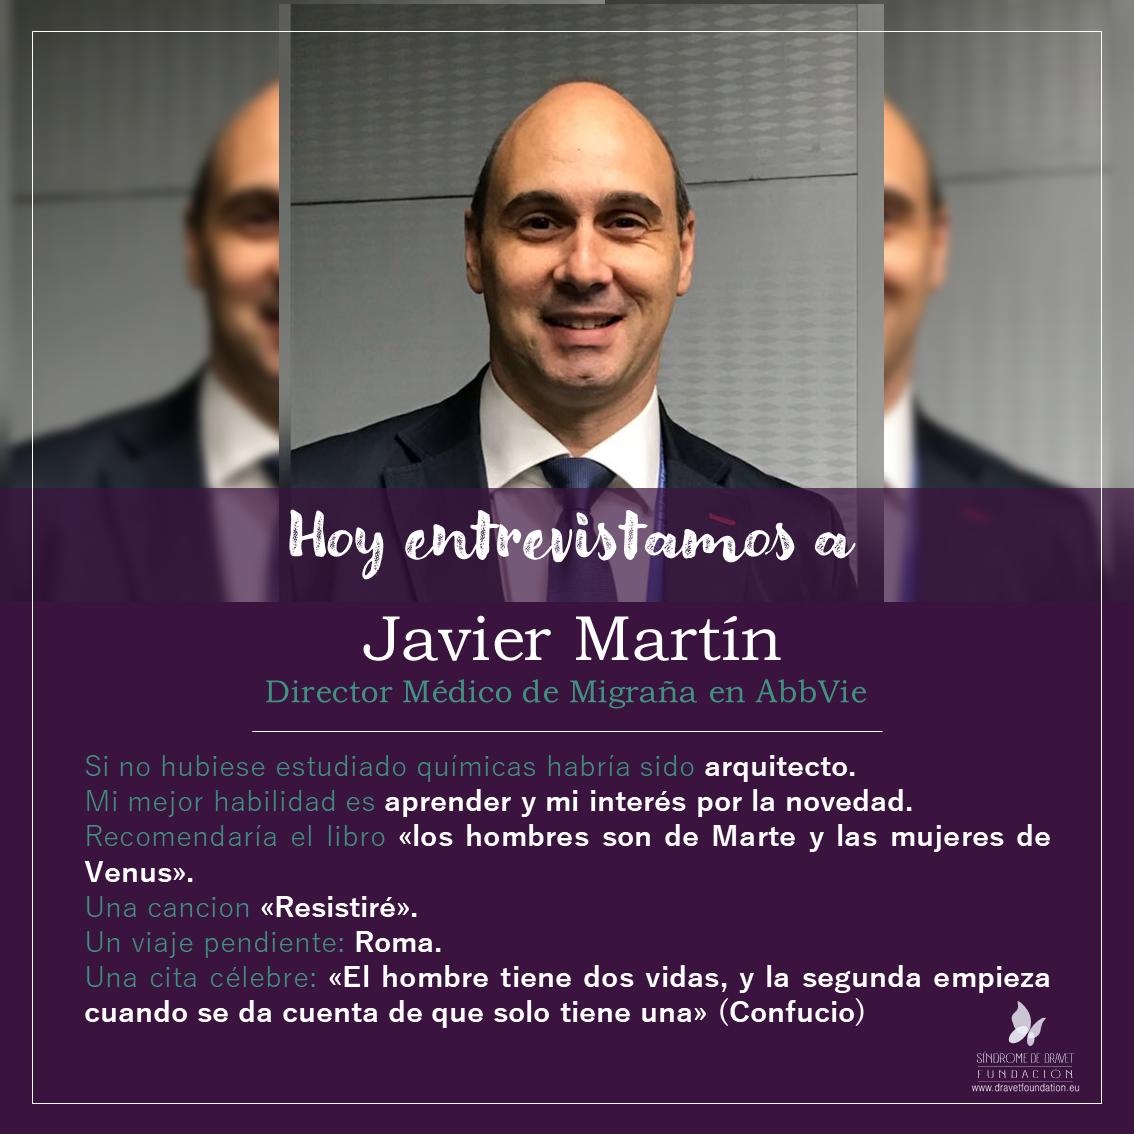 Hoy entrevistamos a Javier Martín